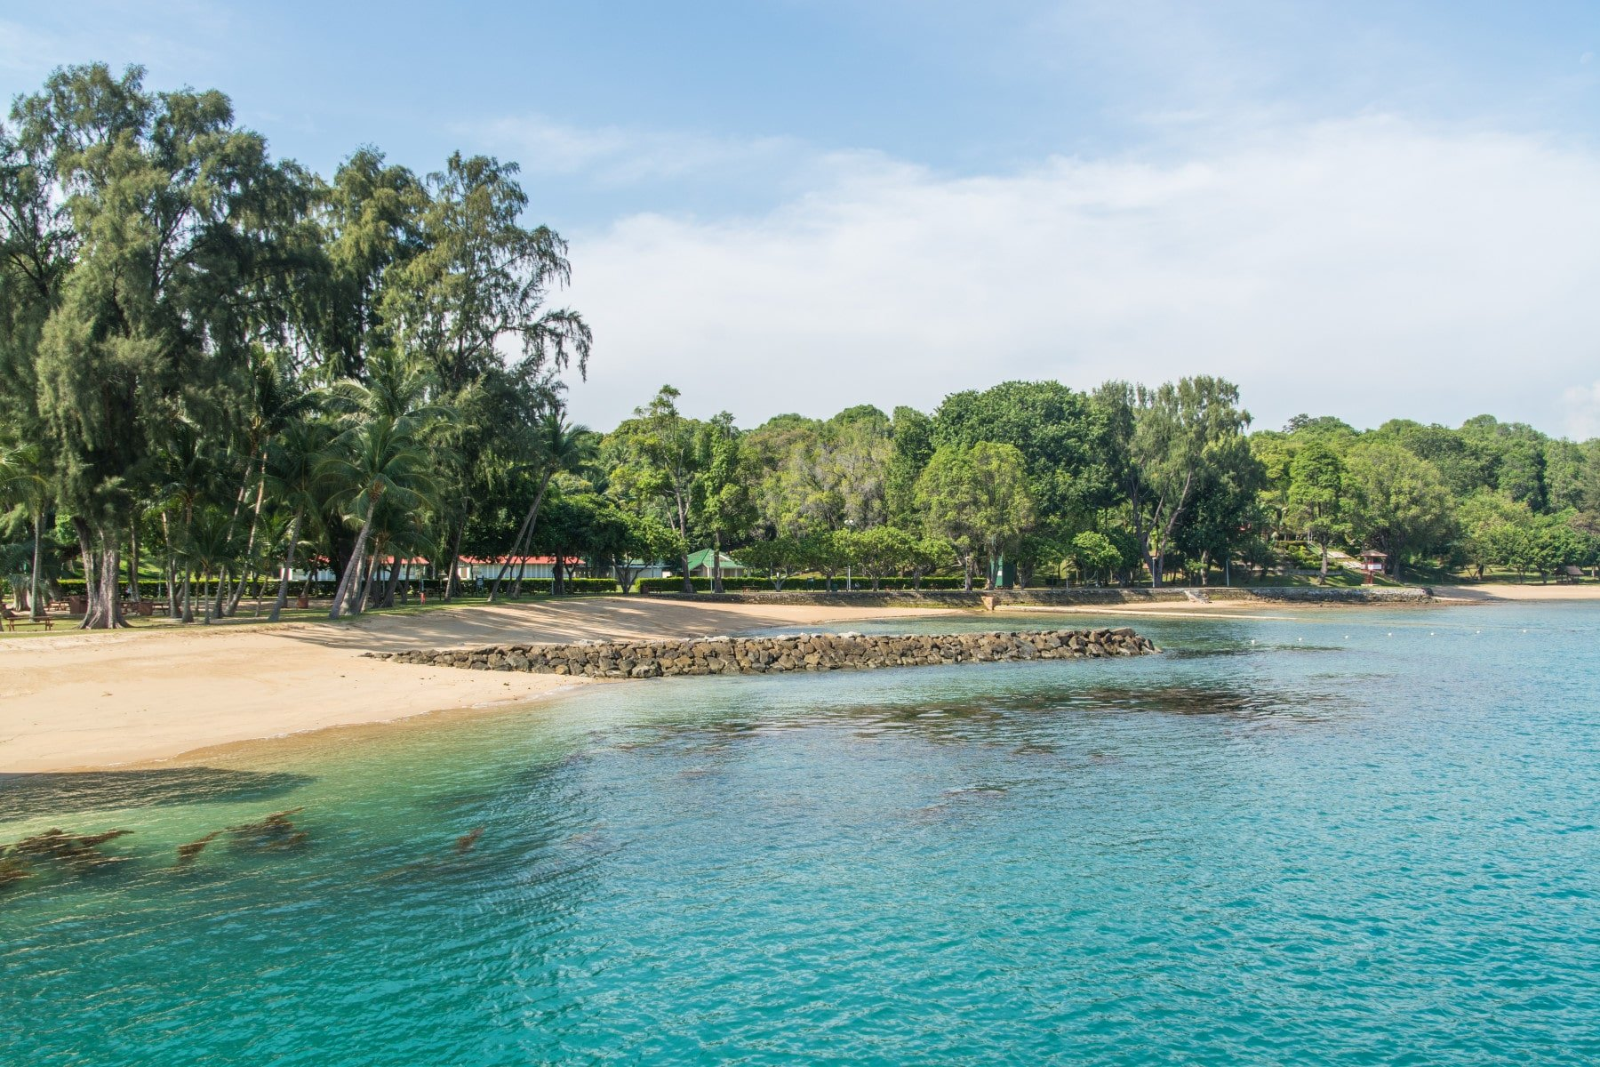 plage ile st john - singapour